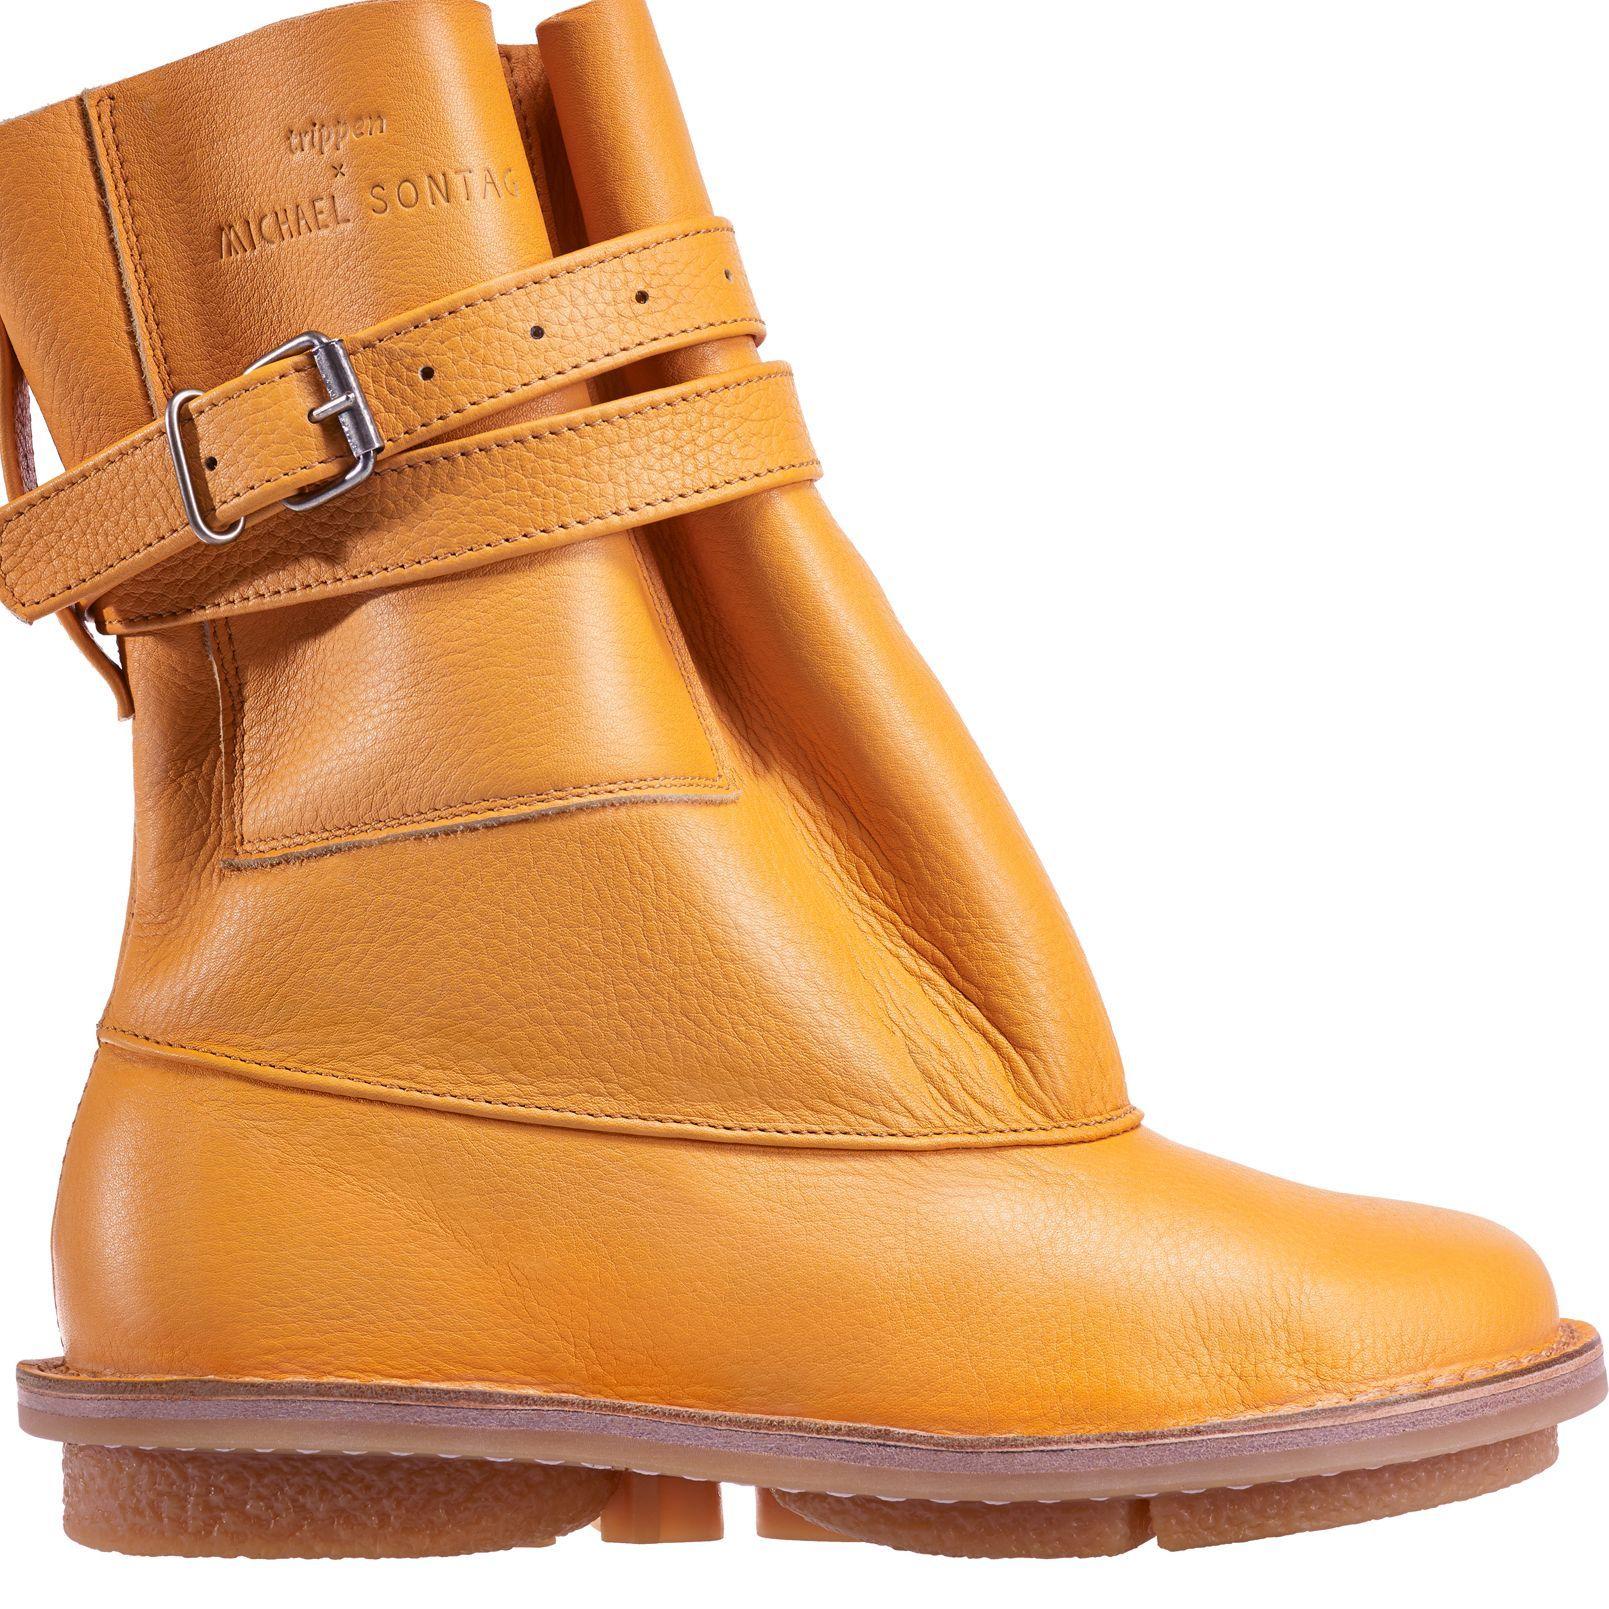 Schuhhersteller: Trippen: Erste Läden in New York und Hongkong